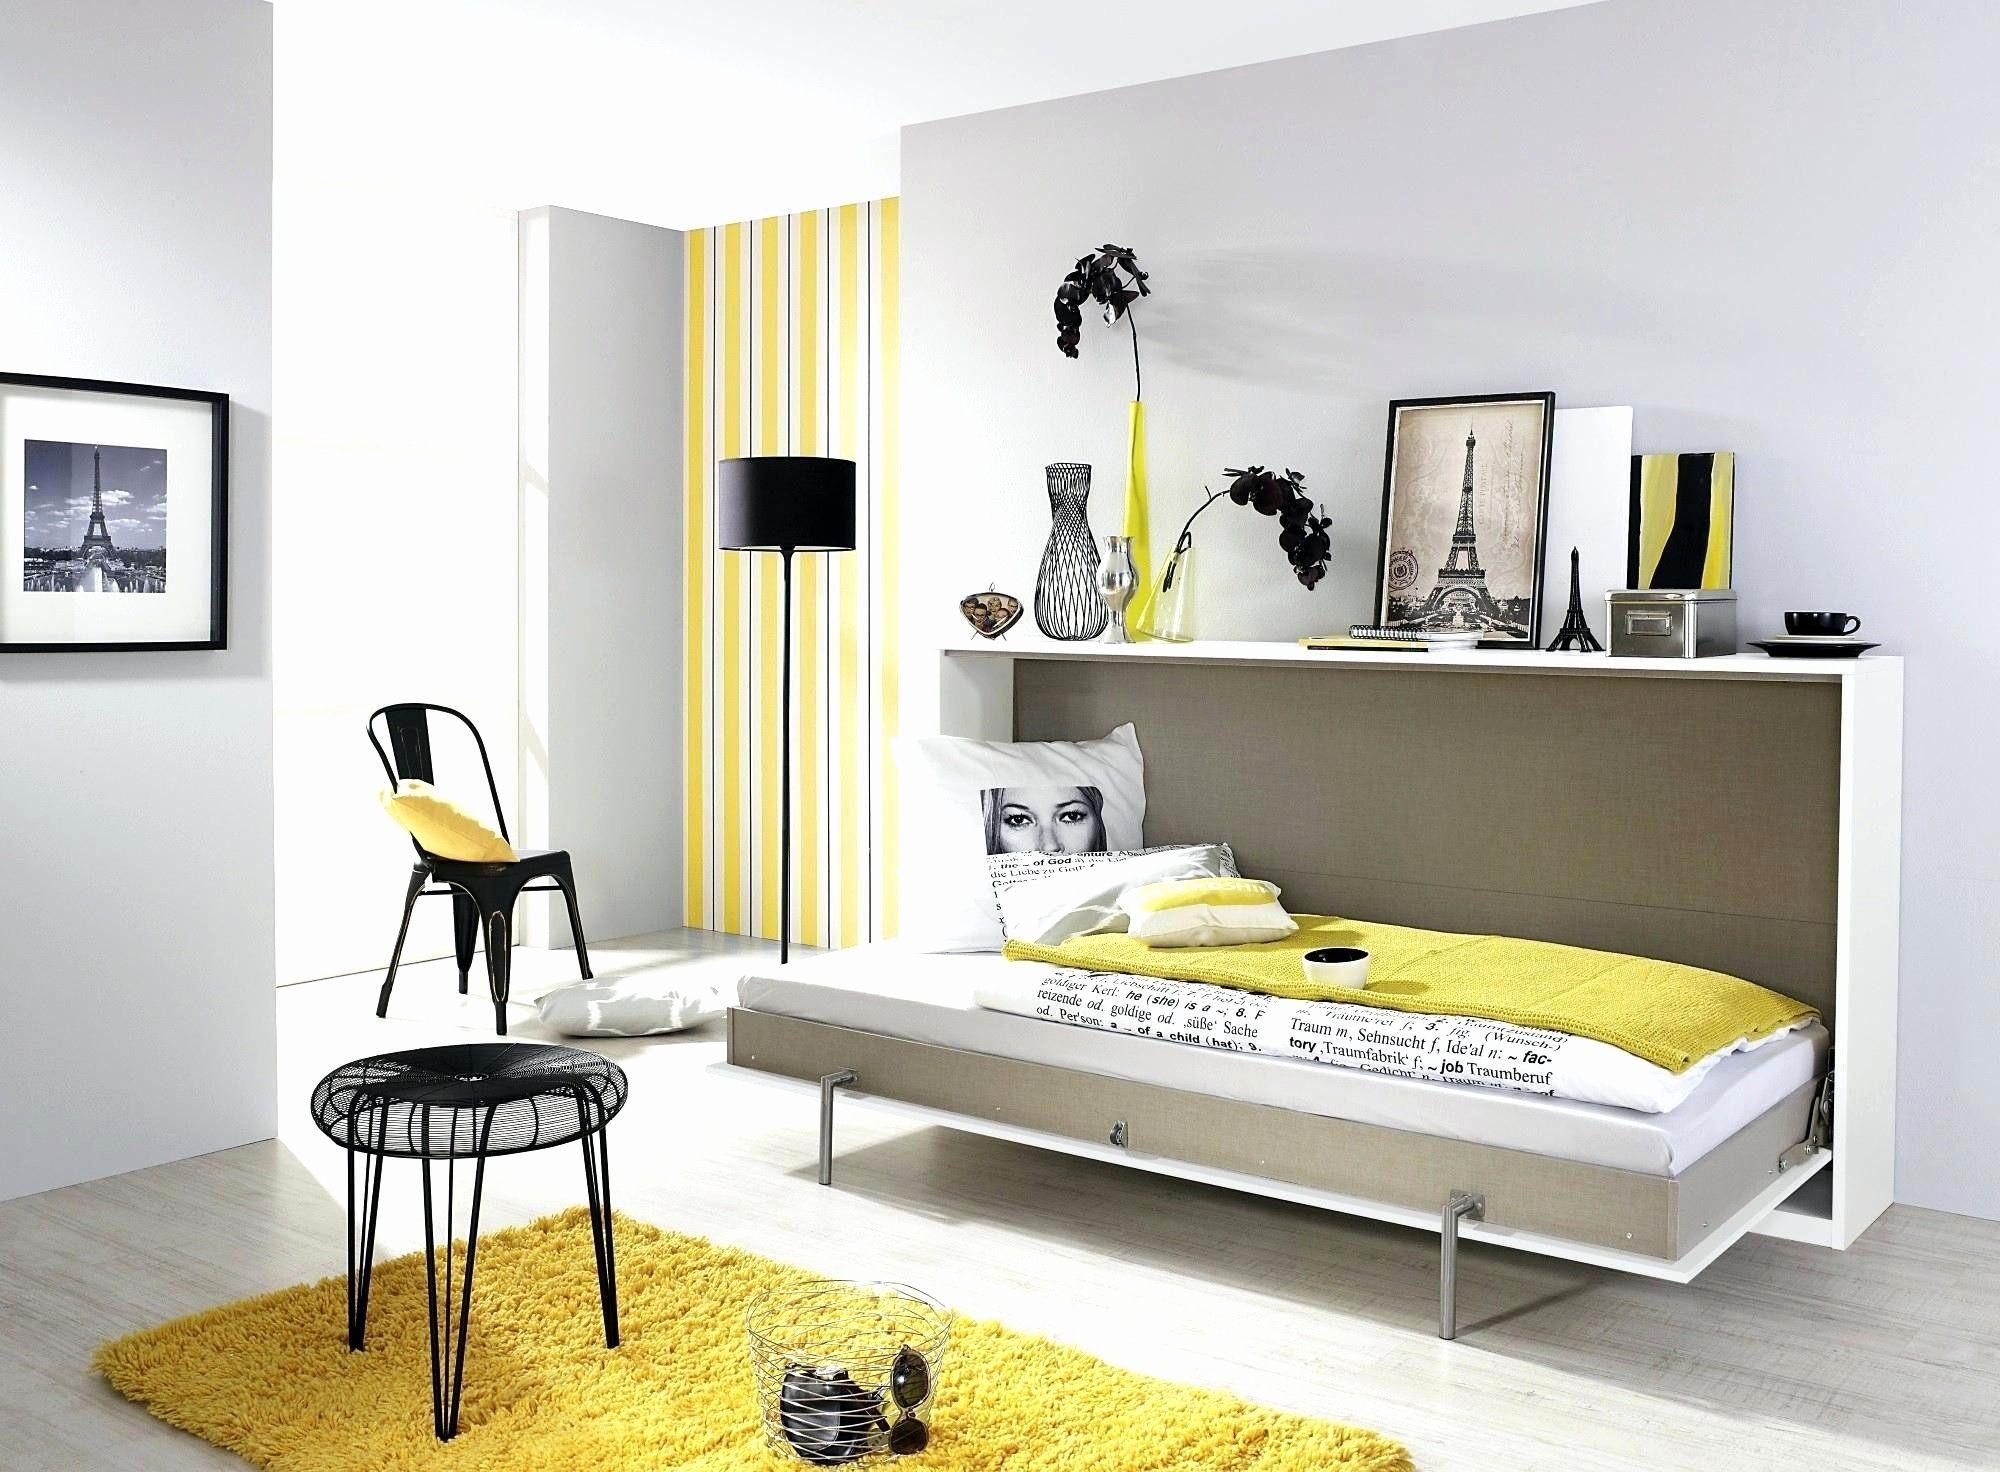 Lit à 2 Places De Luxe Impressionnant Lit Gigogne Canapé Dans Canapé Lit Gigogne élégant